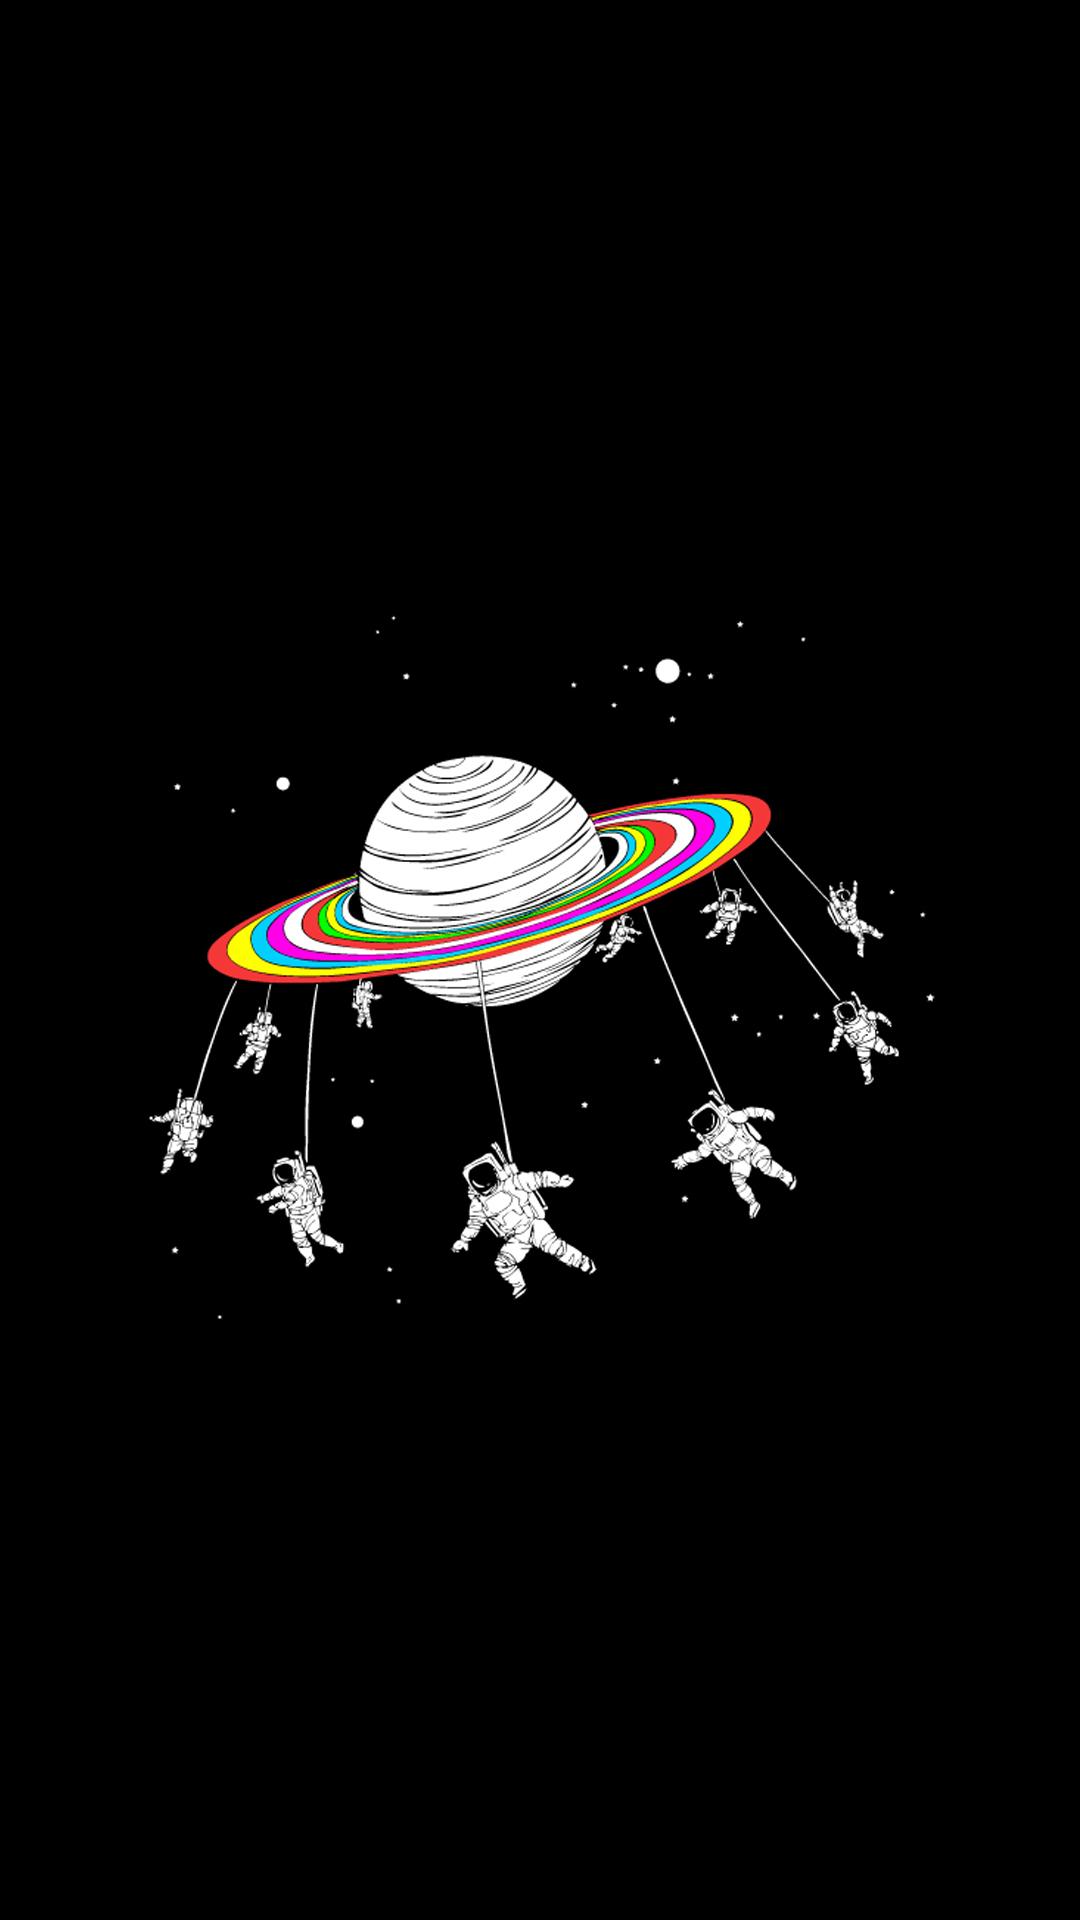 Kartun Astronot Luar Angkasa